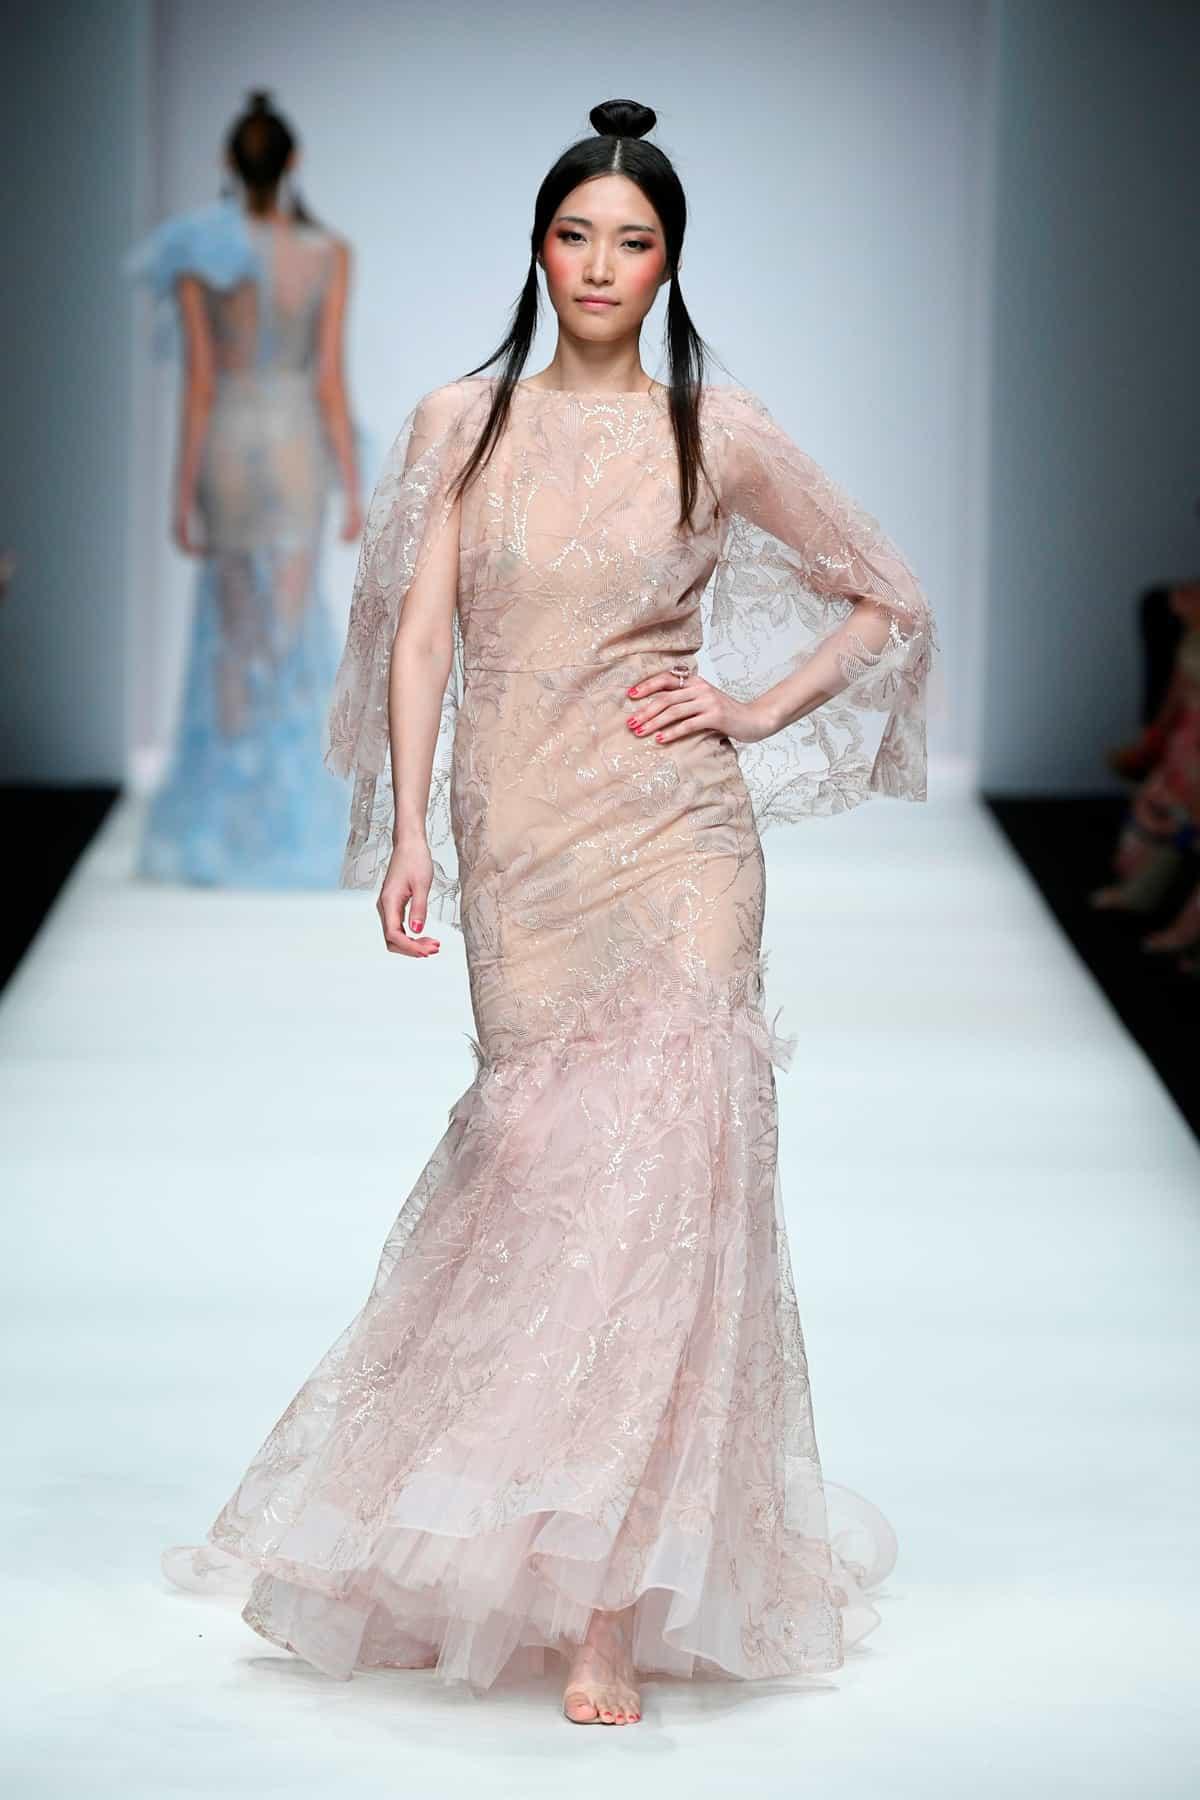 Lana Mueller Sommermode 2020 zur MBFW auf der Fashion Week Berlin Juli 2019 - 6